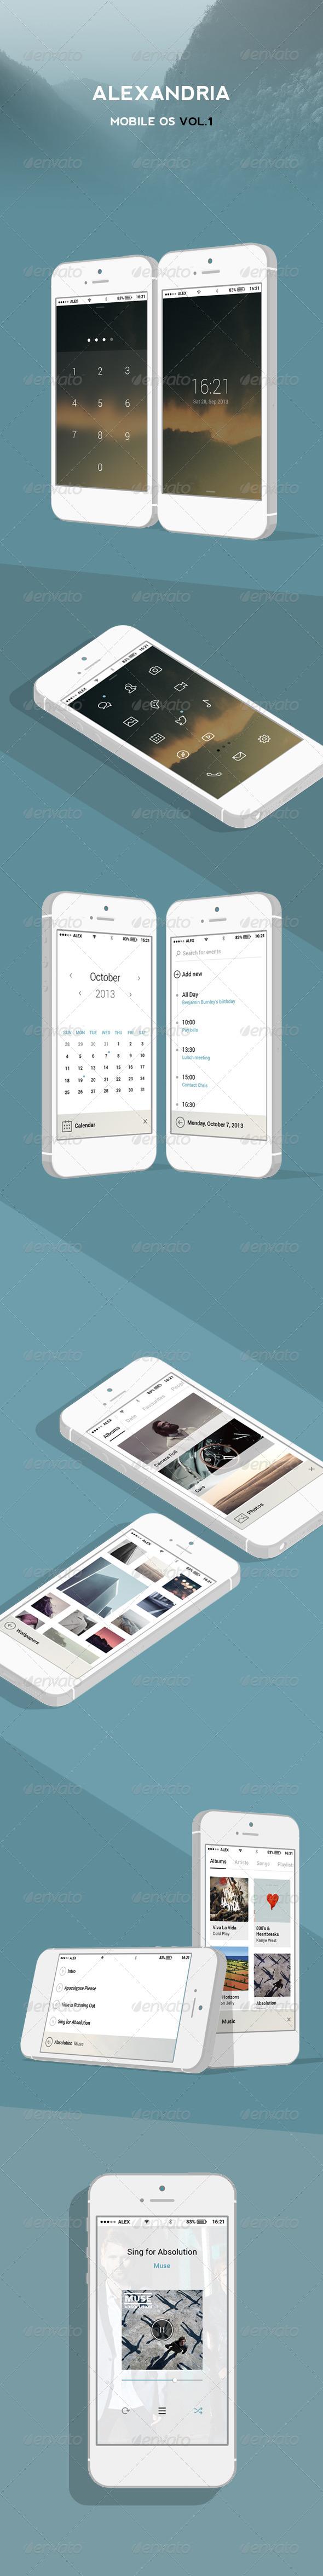 GraphicRiver Mobile OS Alexandria Vol.1 6011484